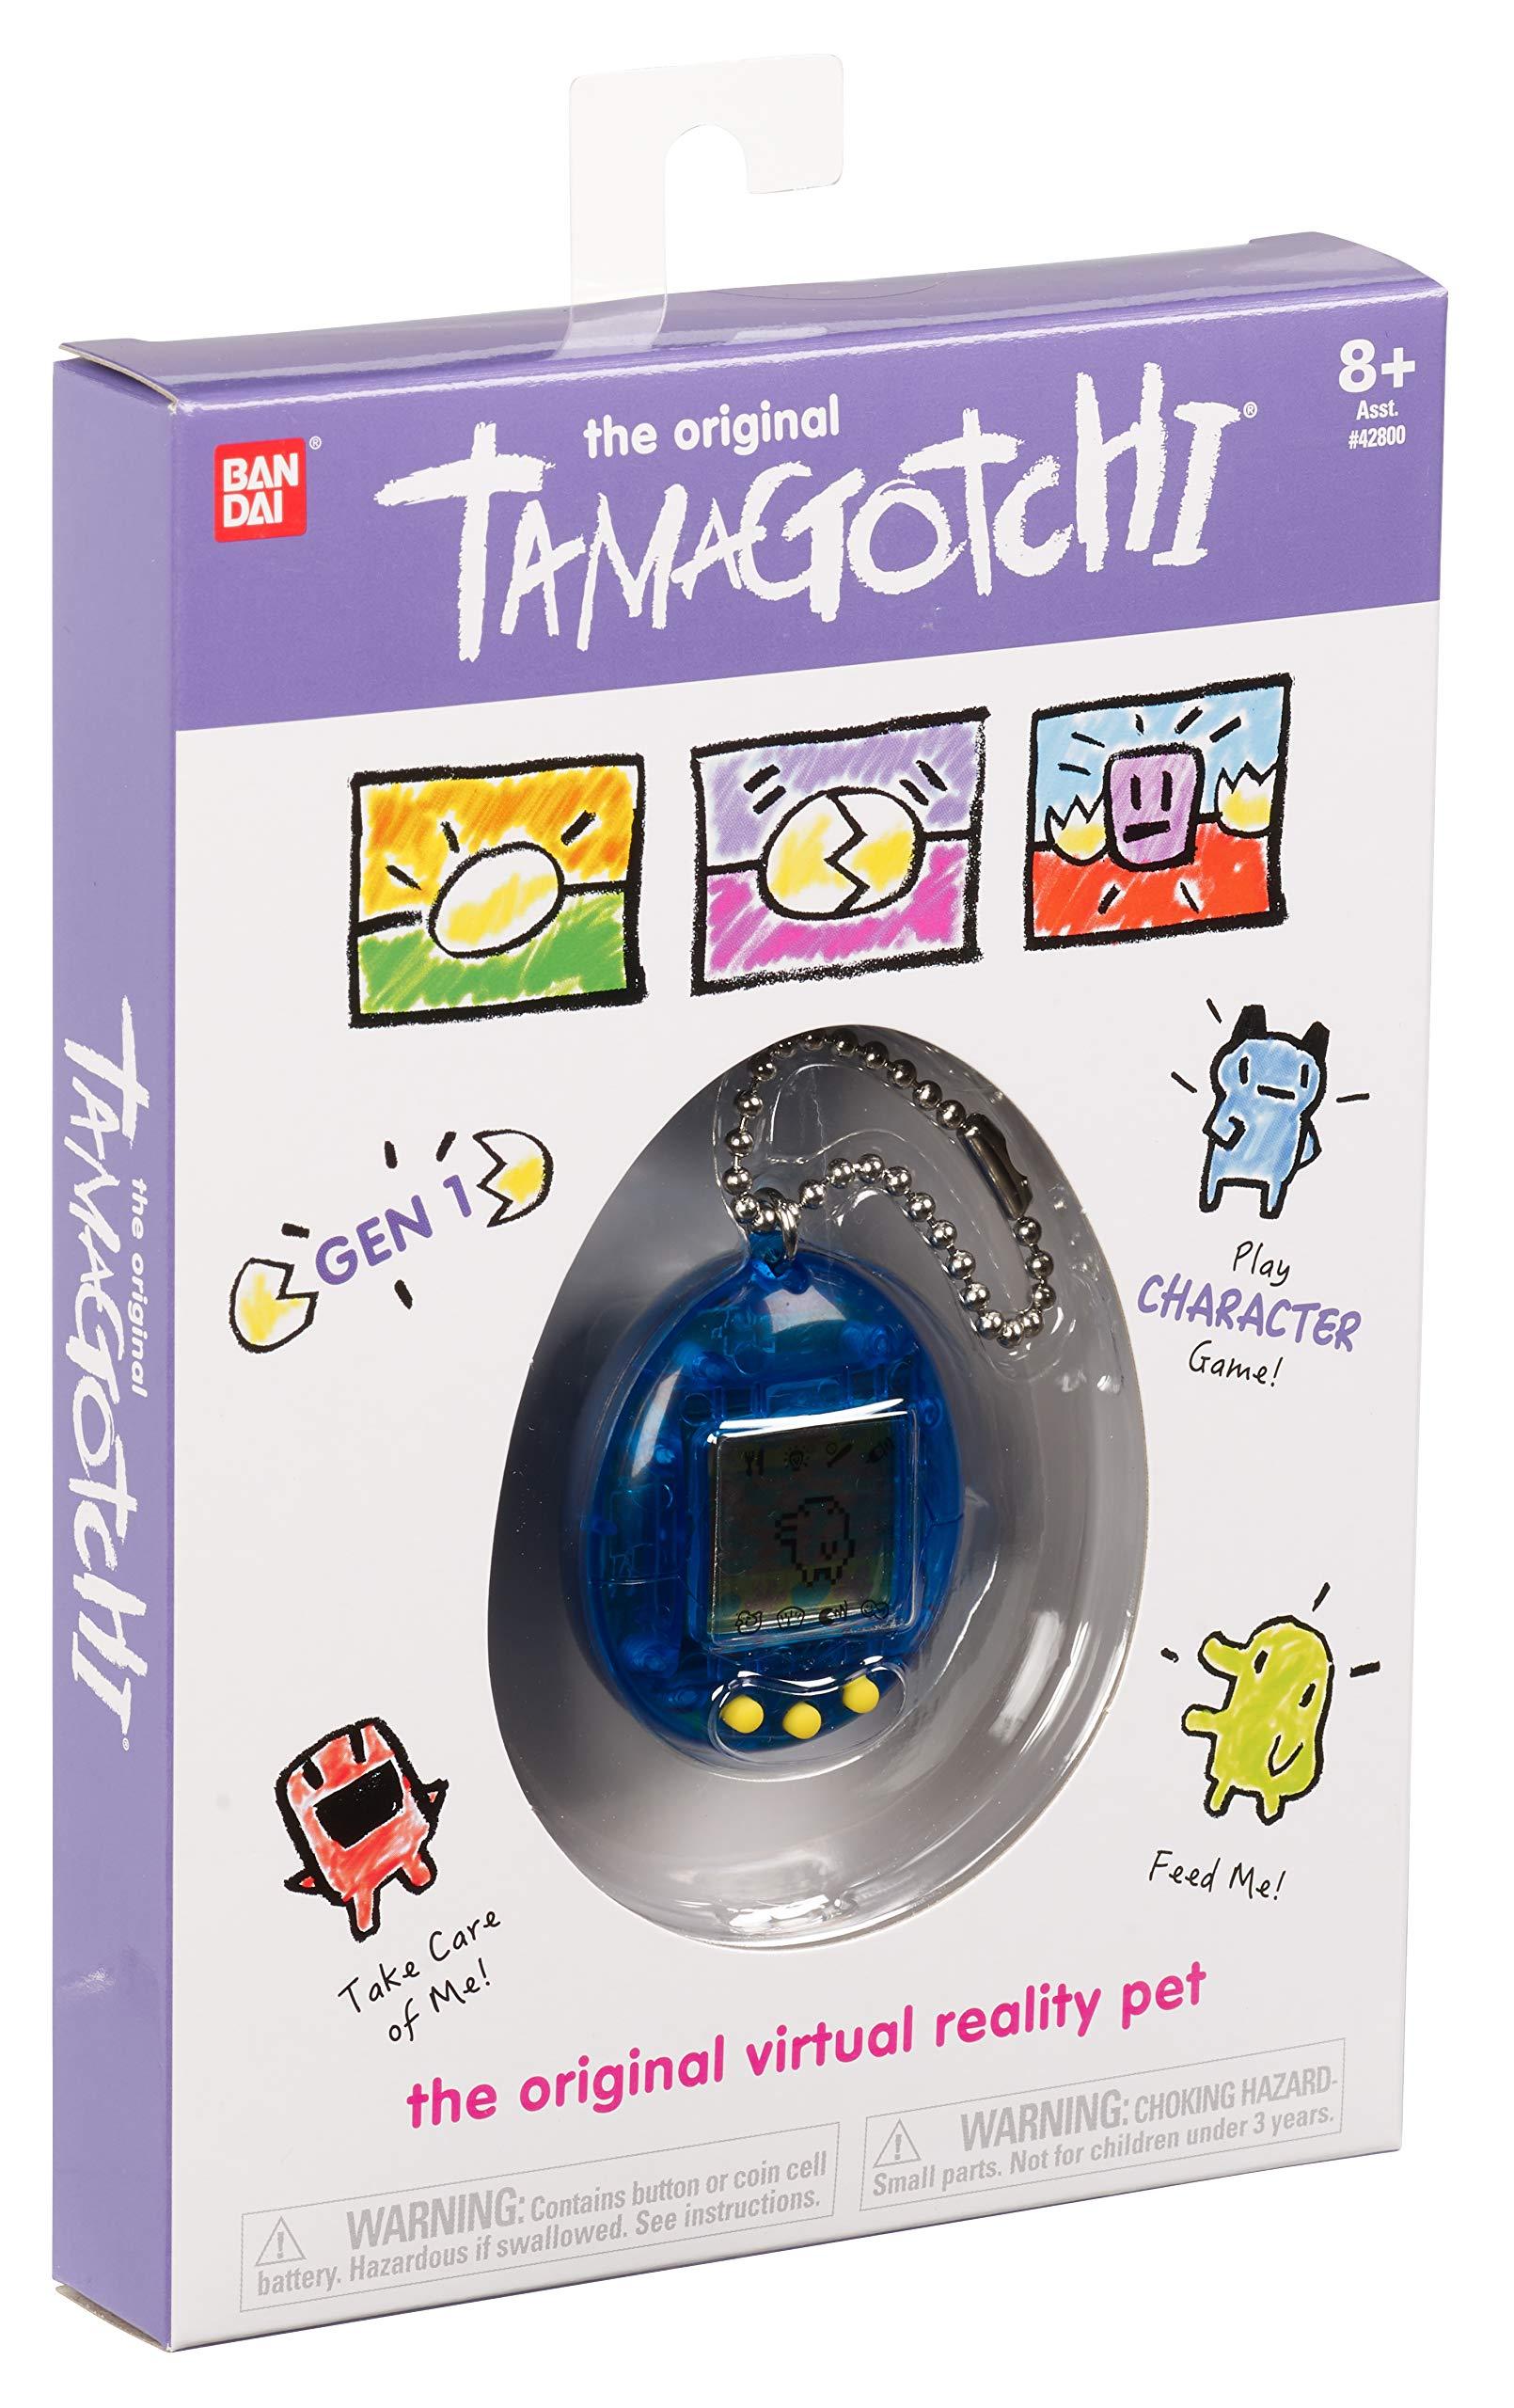 Tamagotchi Electronic Game, Translucent Blue by Tamagotchi (Image #3)